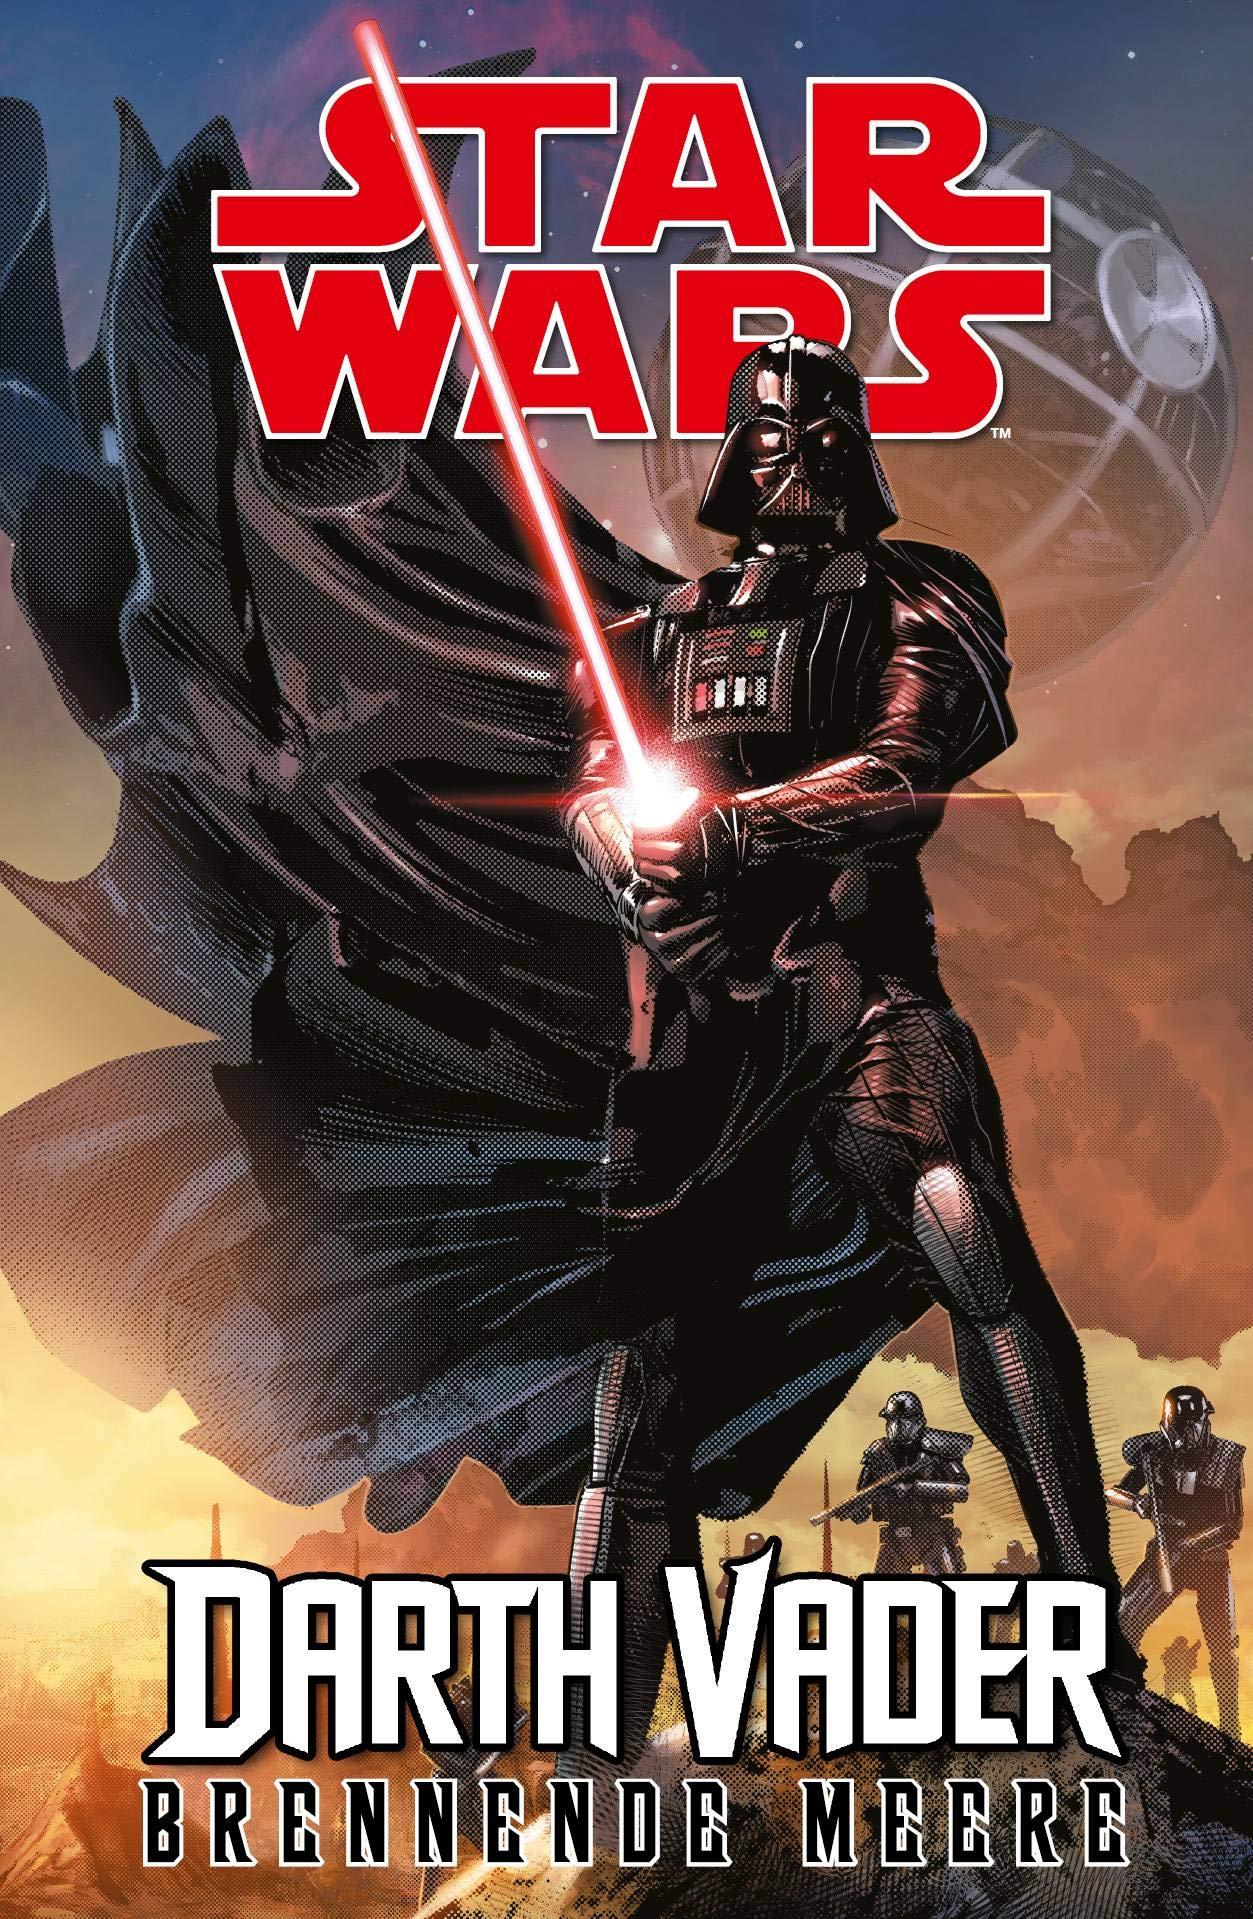 Star Wars Comics  Darth Vader  Ein Comicabenteuer   Brennende Meere